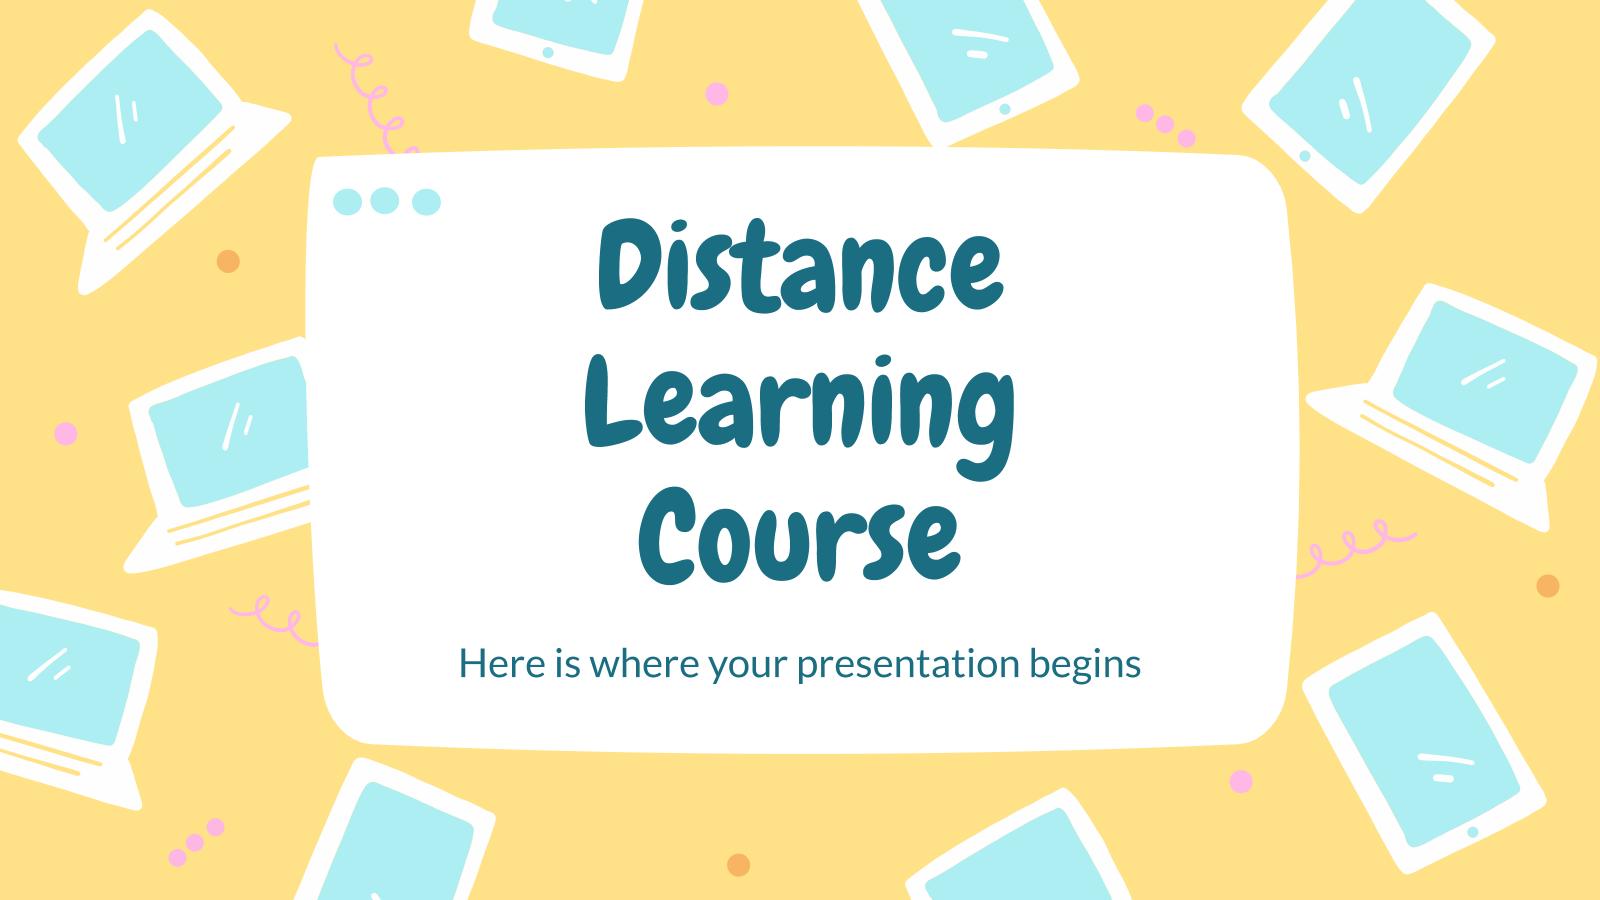 Cours de formation à distance : Modèles de présentation